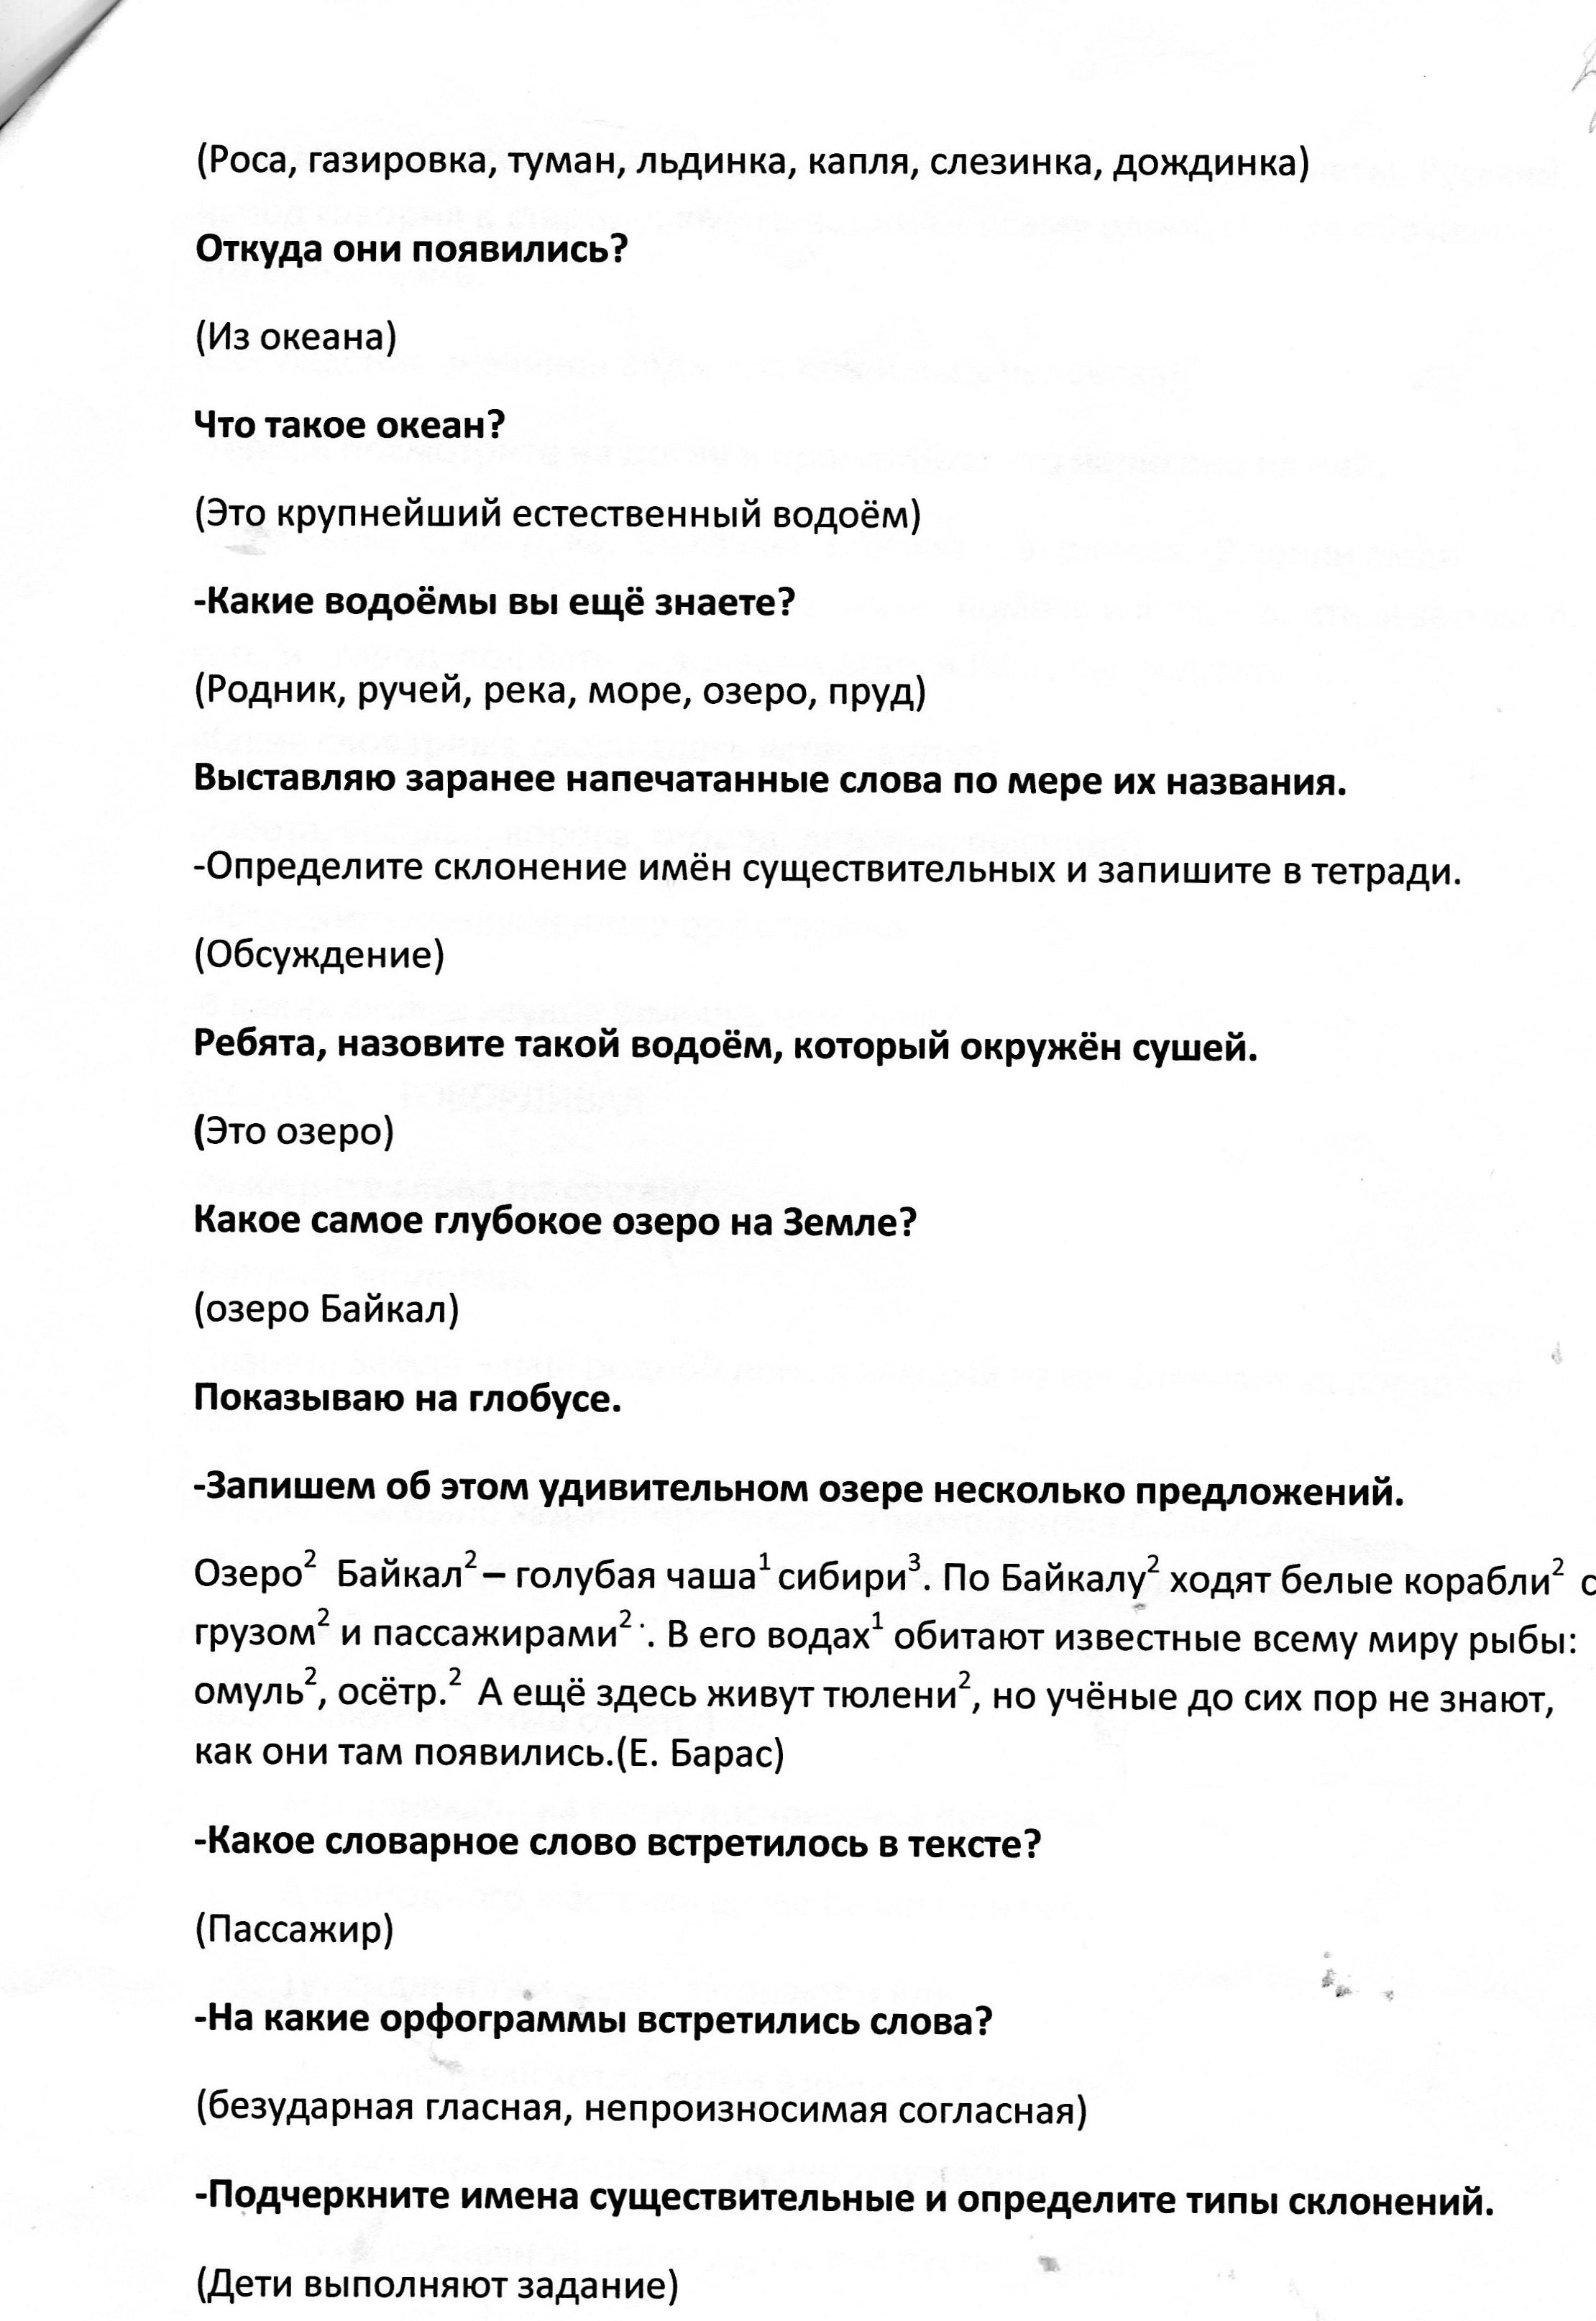 D:\Users\Администратор\Desktop\интегрированный урок( русский язык и окружающий мир\4.jpg